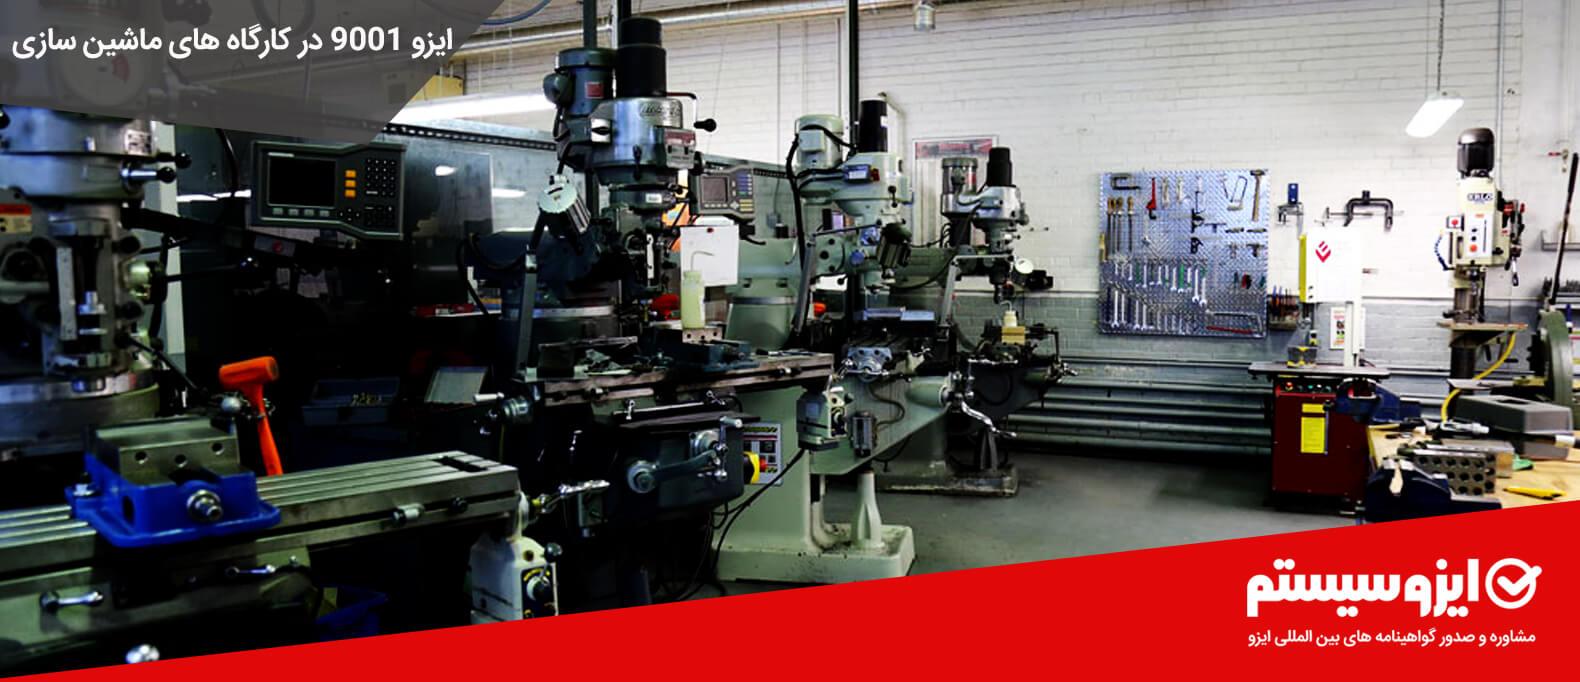 کاربرد ایزو 9001 در ماشین سازی